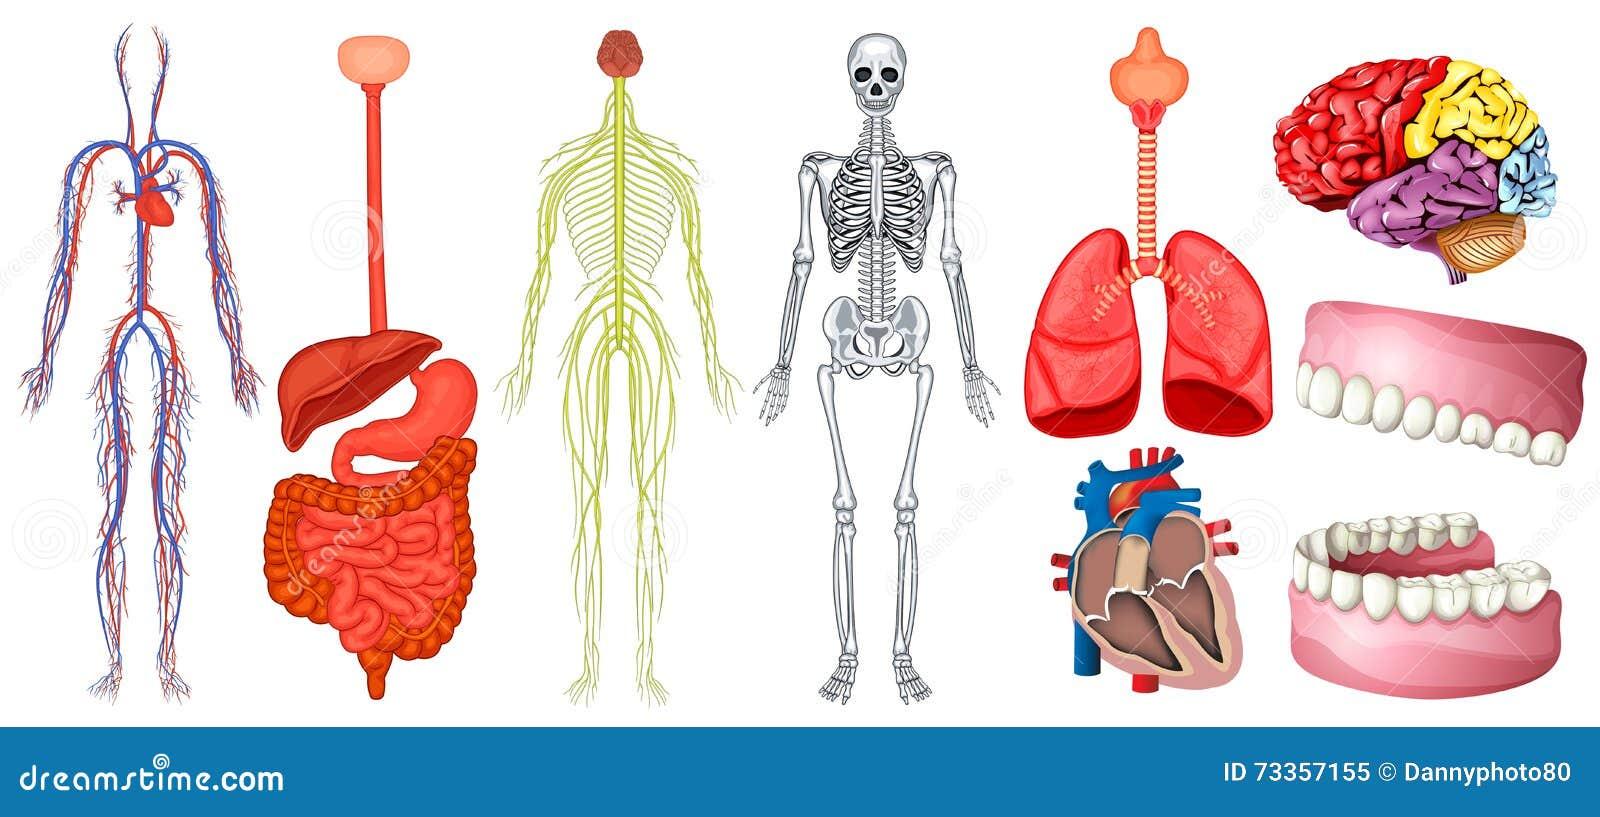 Diagramm Der Menschlichen Anatomie Vektor Abbildung - Illustration ...